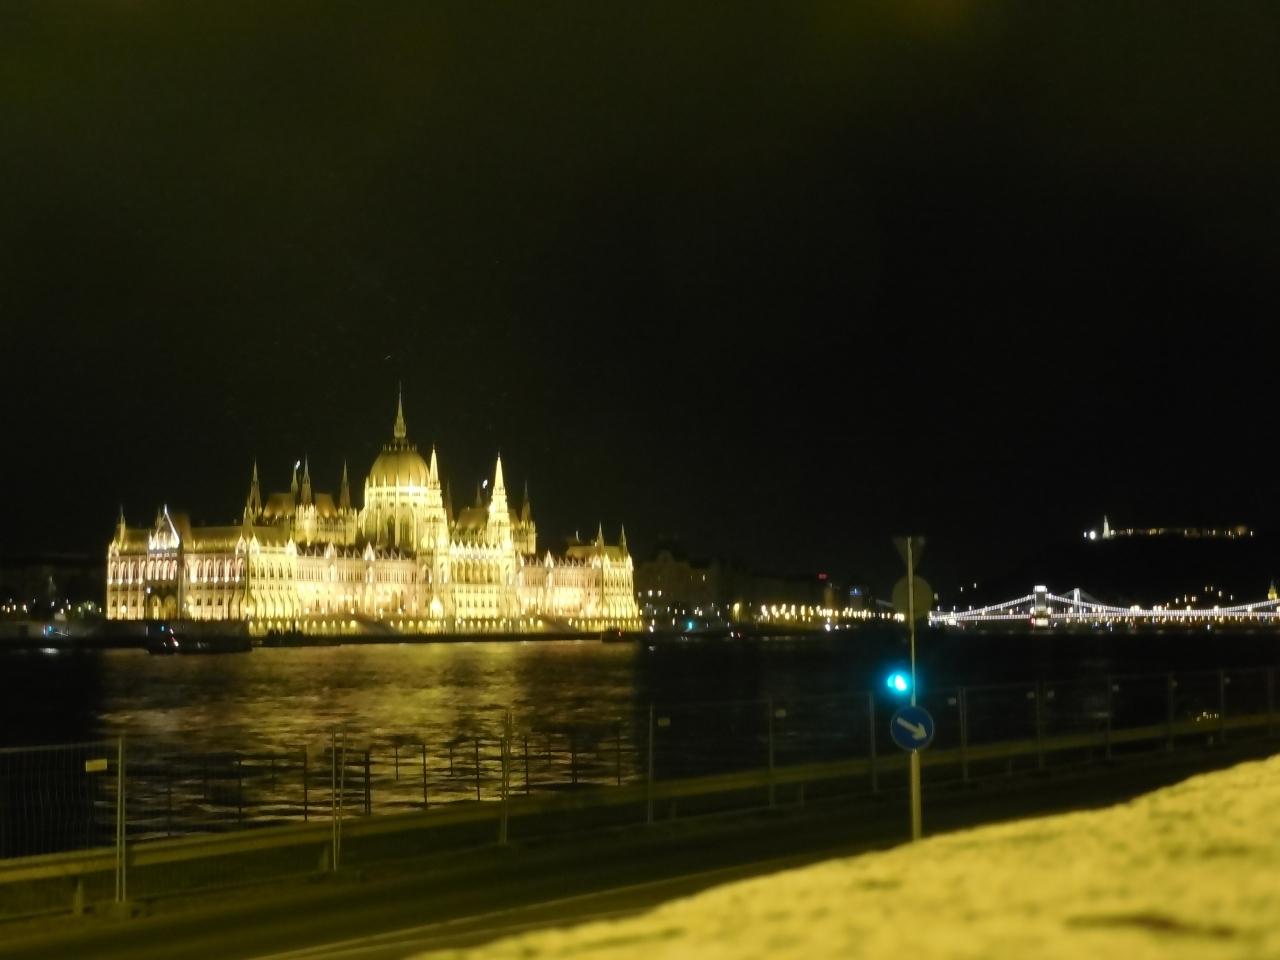 ブダペストのドナウ河岸とブダ城地区およびアンドラーシ通りの画像 p1_20